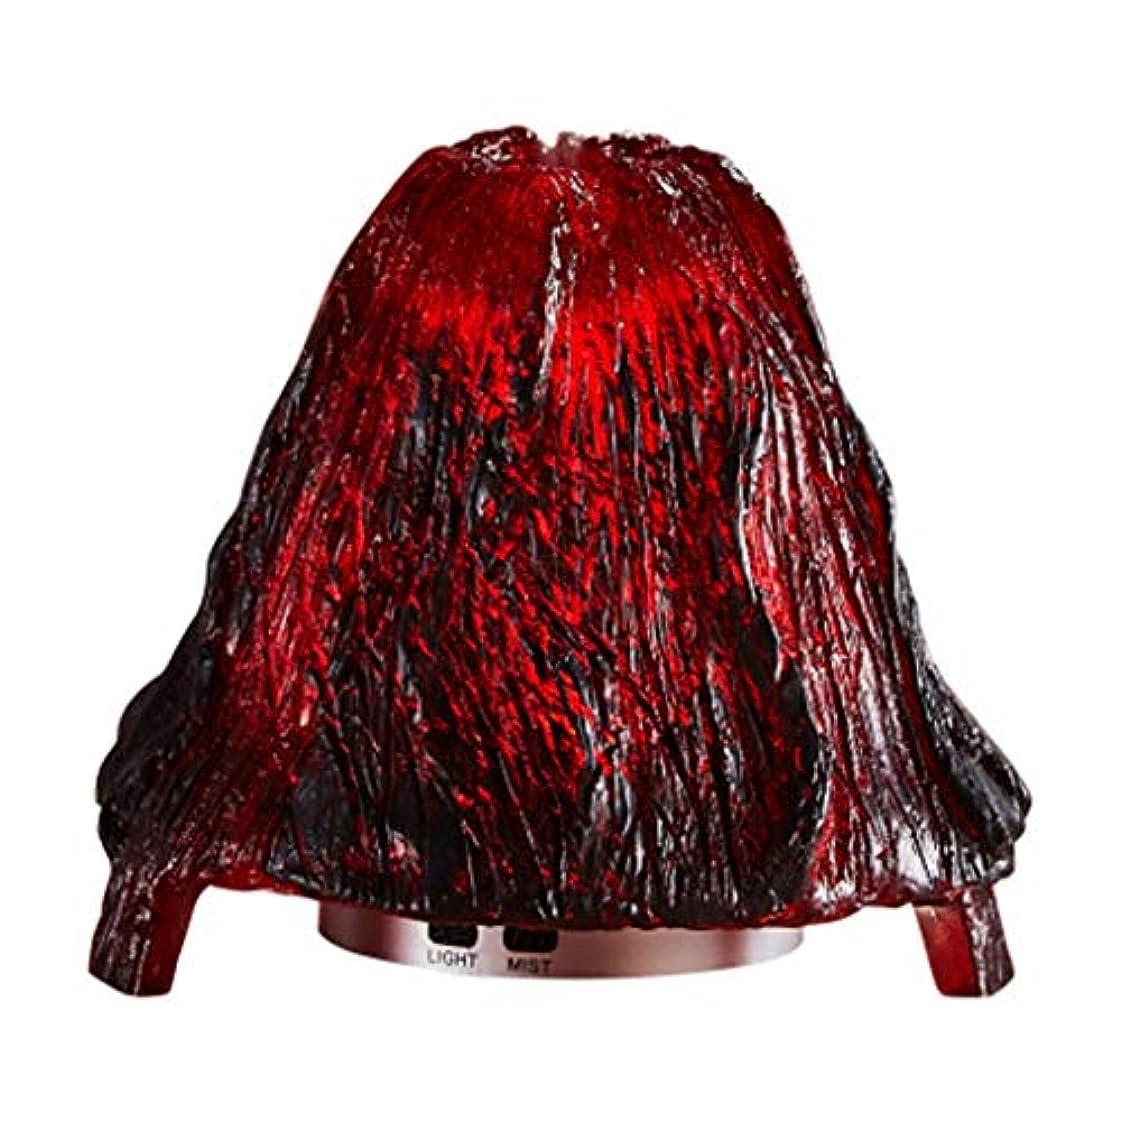 分類する空港戻すクールミスト加湿器ミスト100mlディフューザーディフューザー7色LEDライト/ウォーターレス自動シャットダウン(火山) (Color : Red)